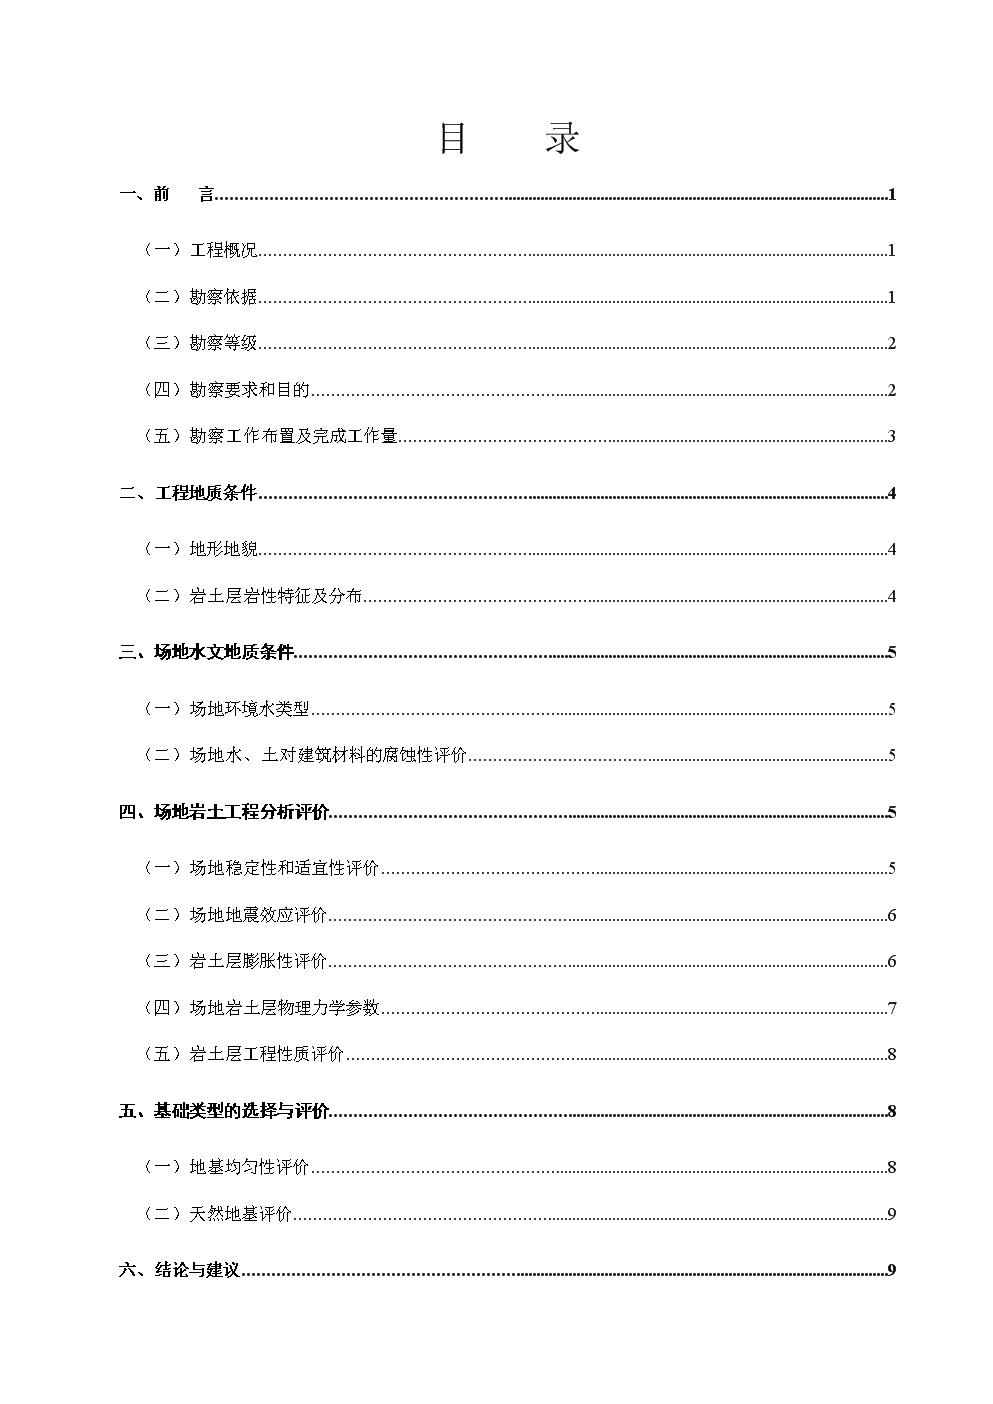 田阳义务售楼中心(审勘察报告).doc